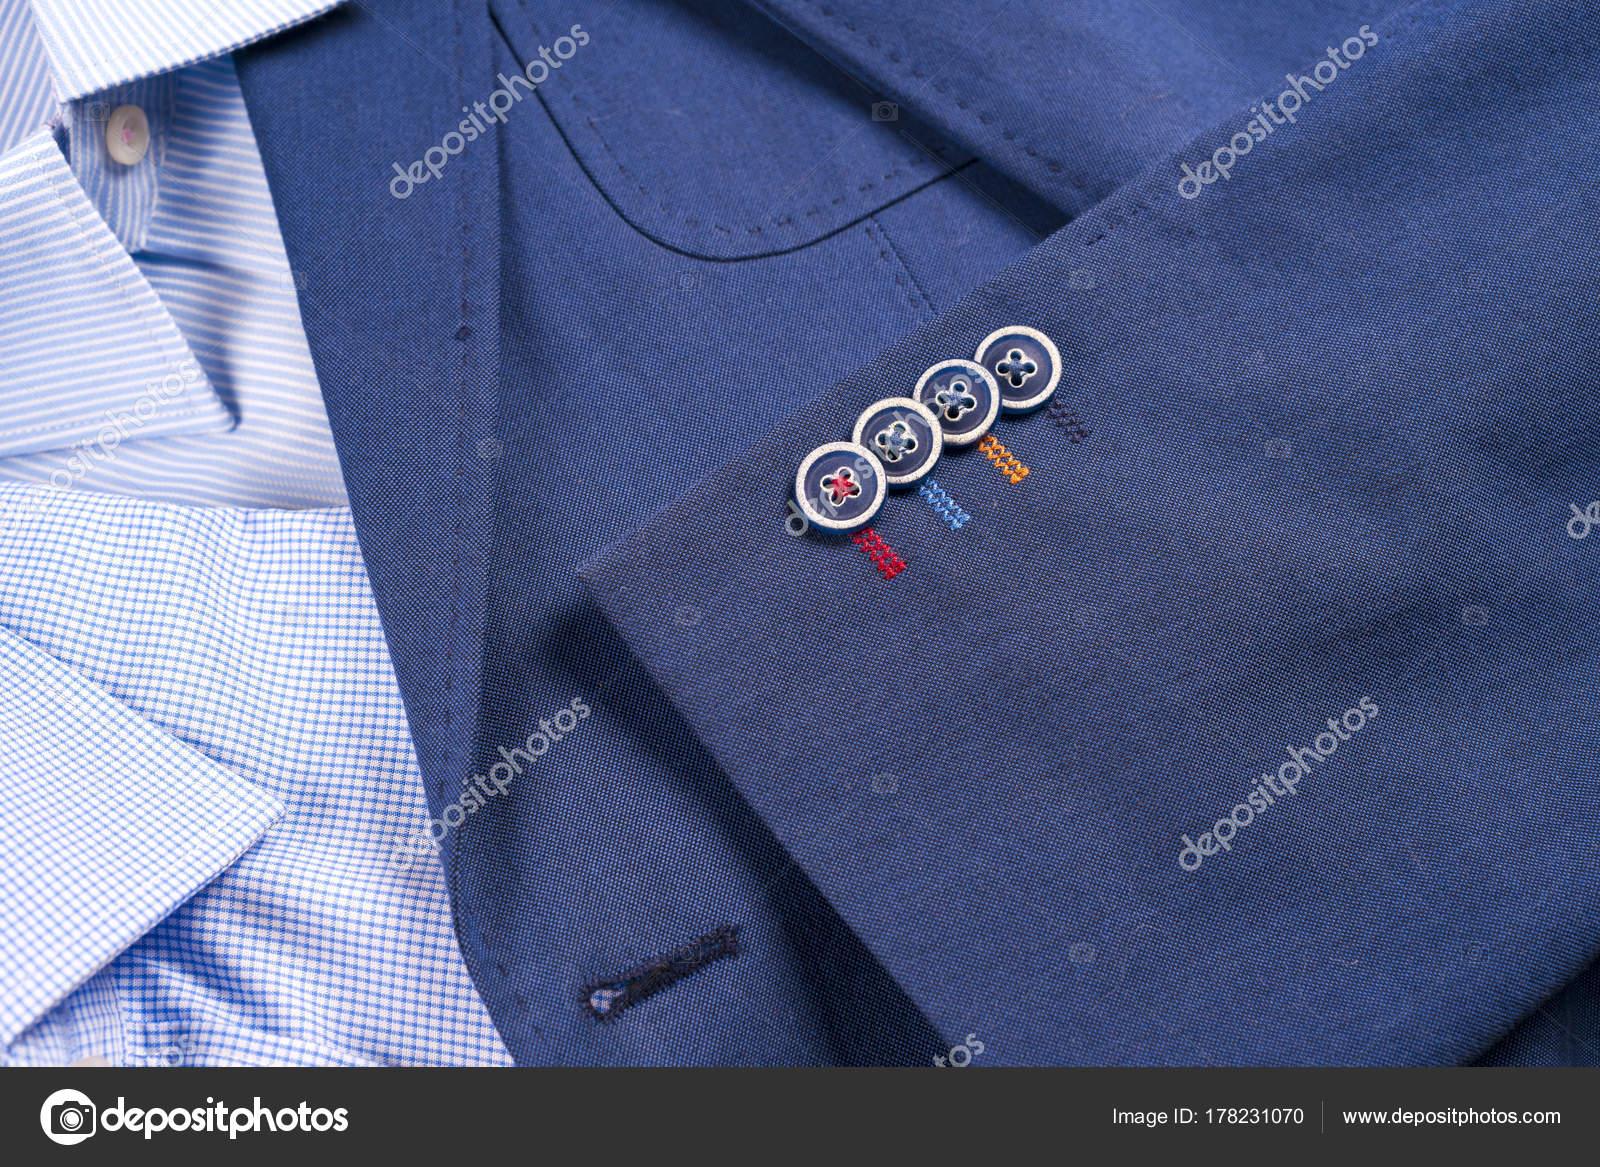 2d7aba2cd0 set di vestiti mens classic - abito blu, camicie, scarpe marroni ...